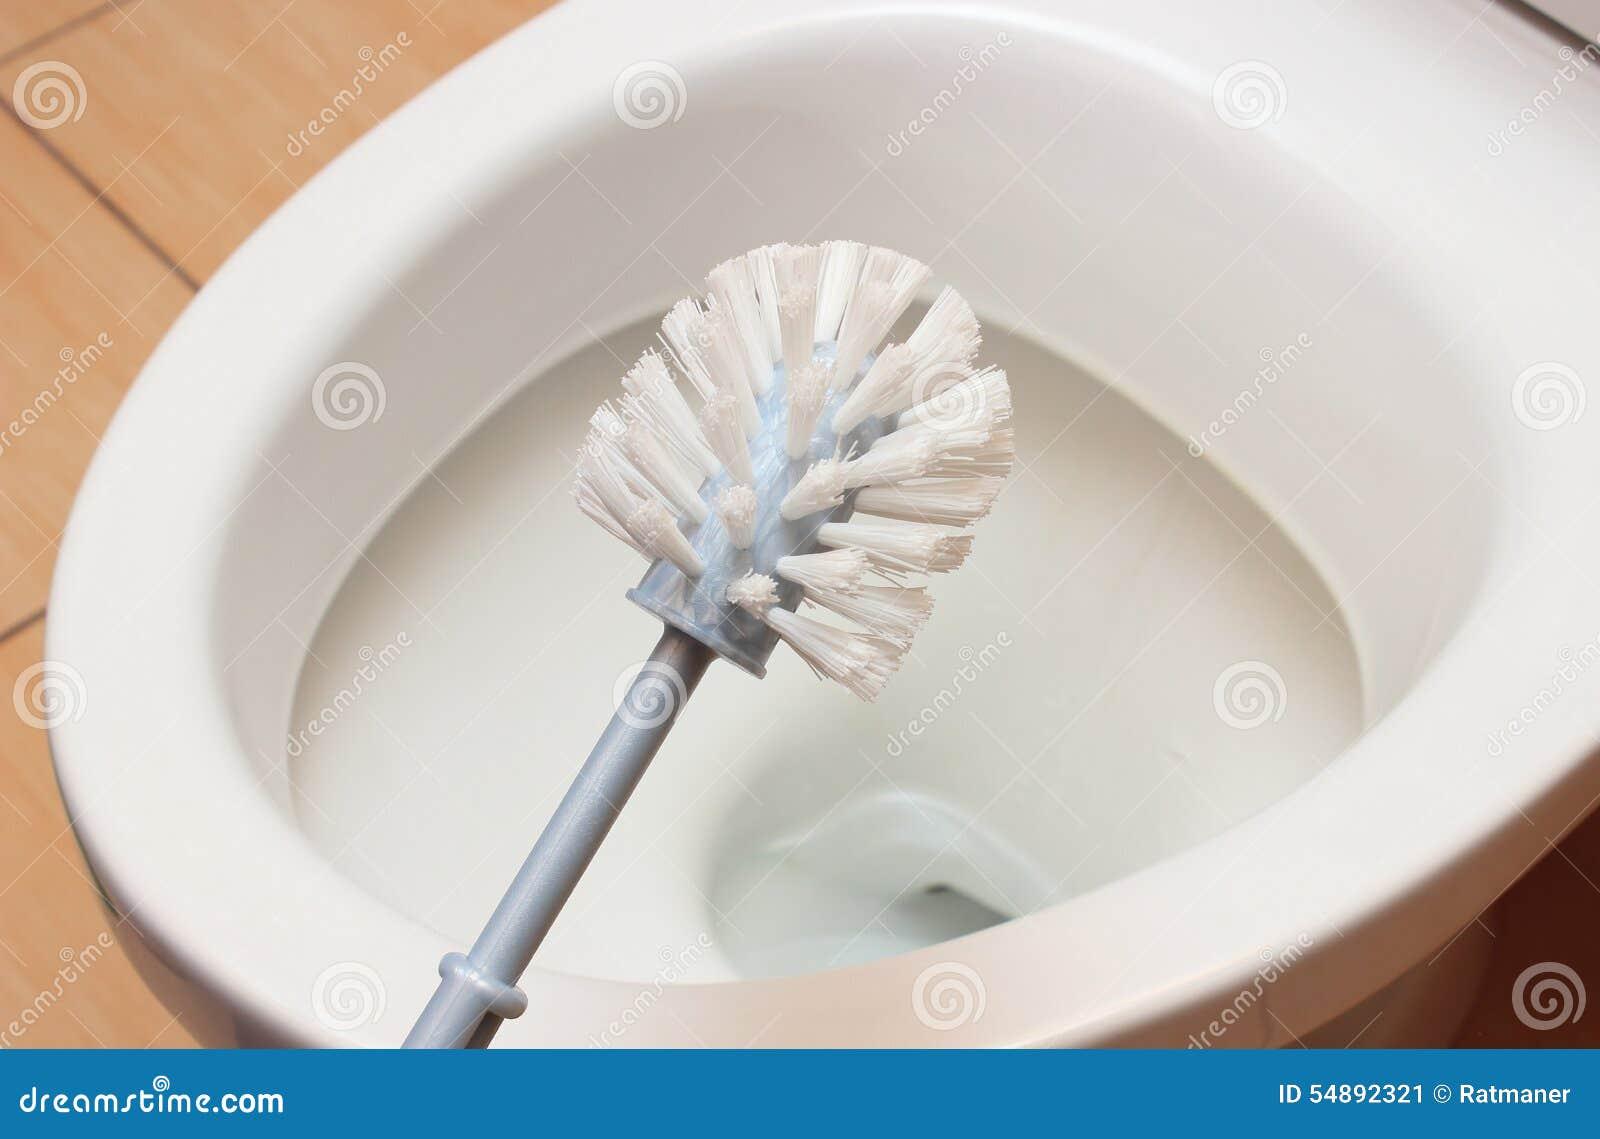 brosse pour le nettoyage et la cuvette des toilettes image stock image du hygi ne toilettes. Black Bedroom Furniture Sets. Home Design Ideas